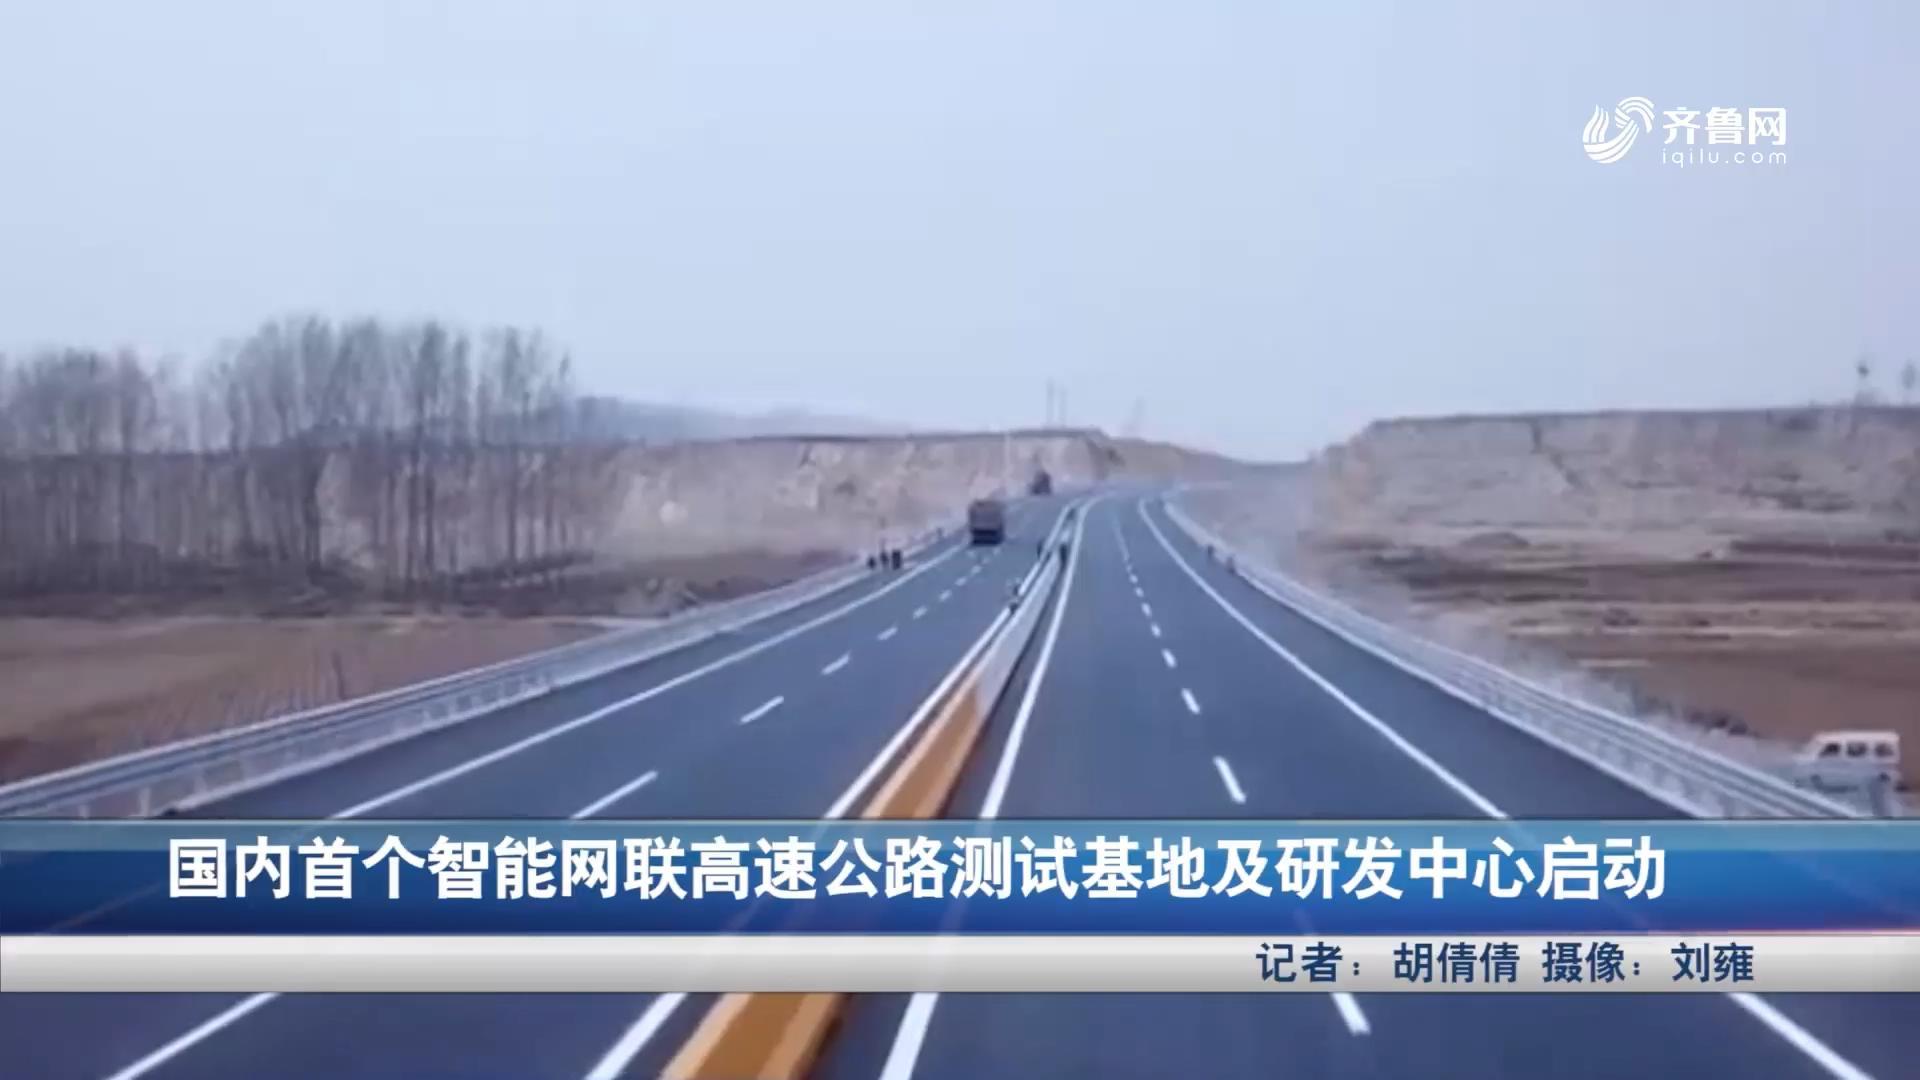 国内首个智能网联高速公路测试基地及研发中心启动